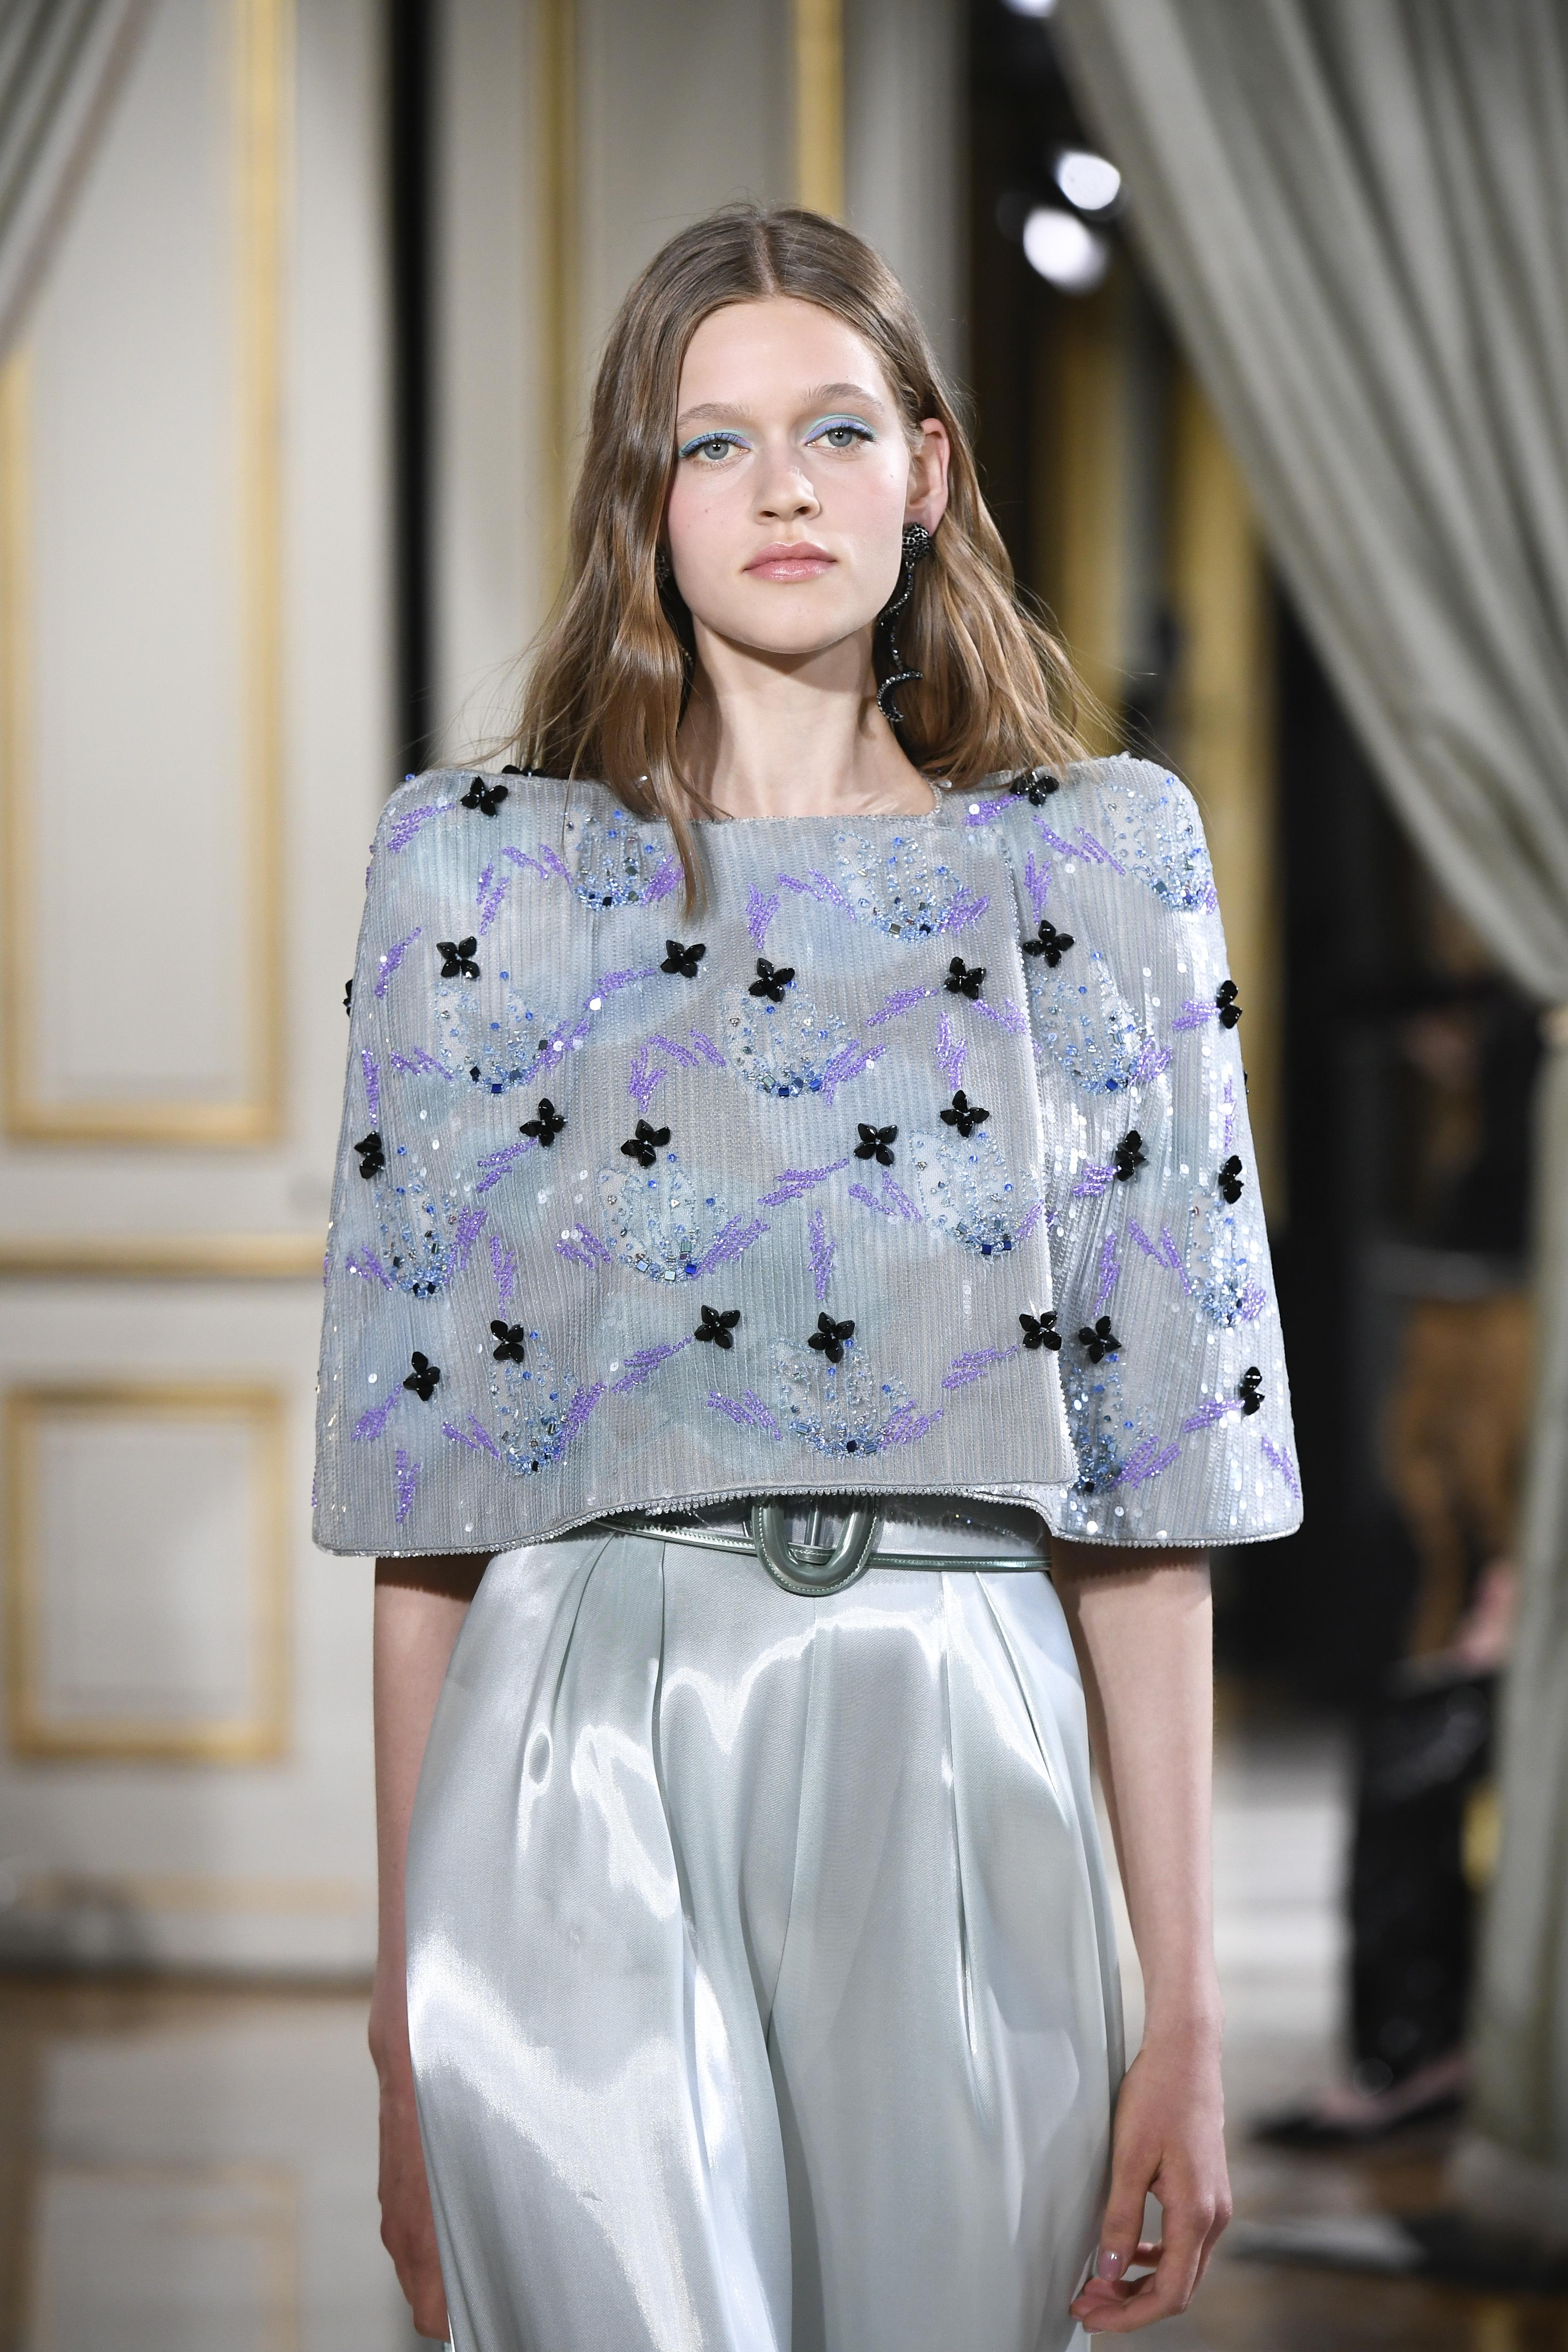 Armani-Prive Couture Fall 2021